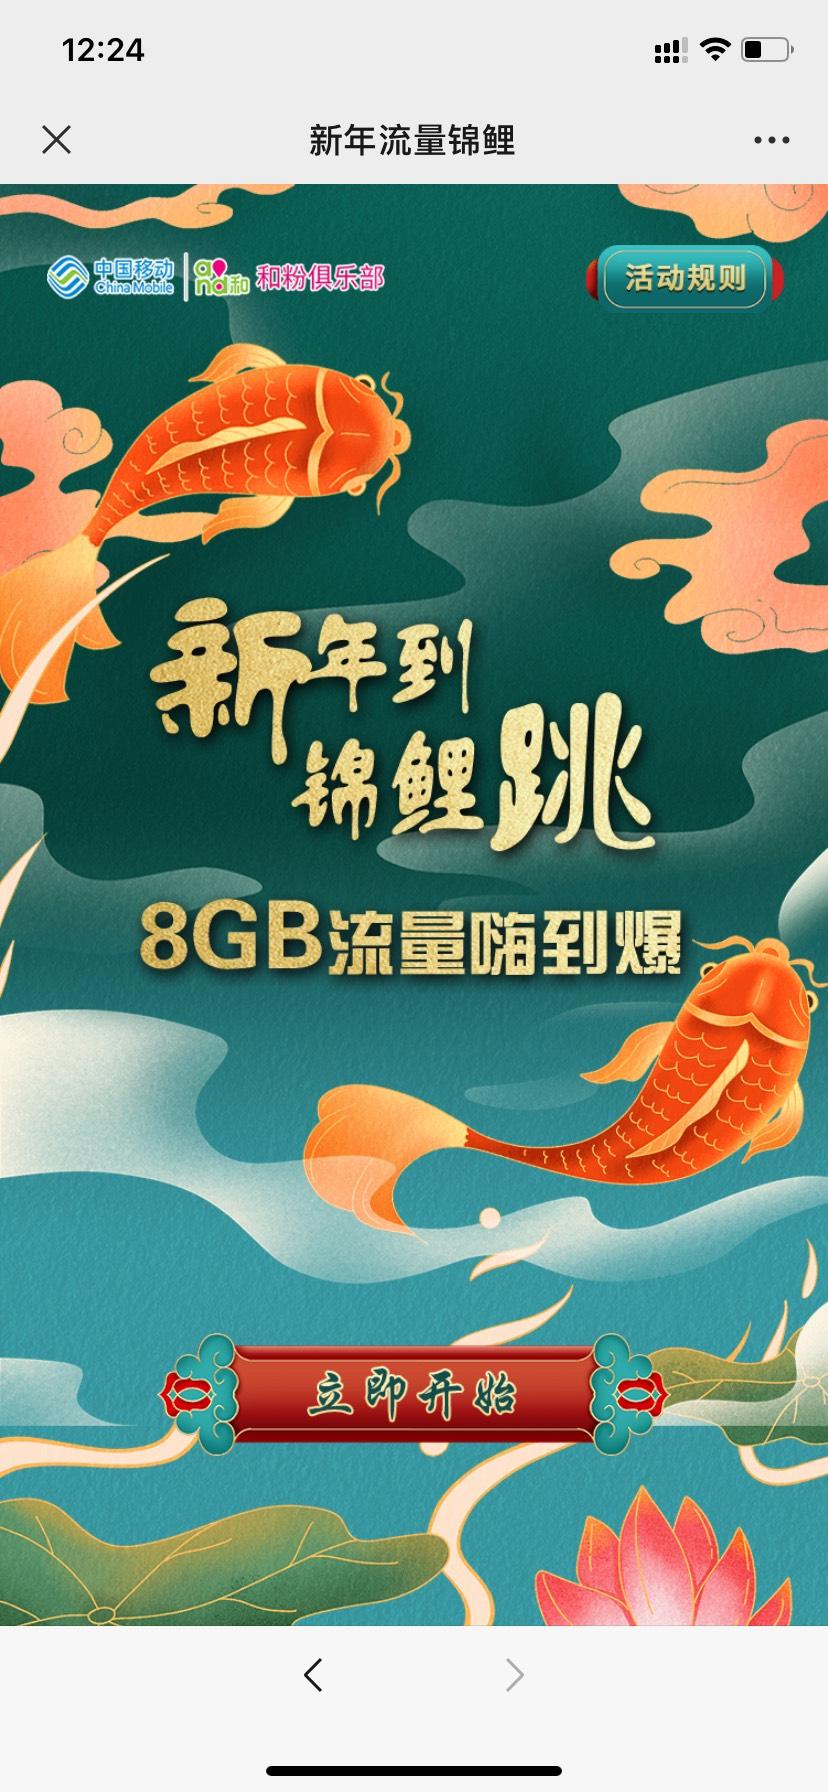 图片[1]-中国移动小游戏领流量-老友薅羊毛活动线报网